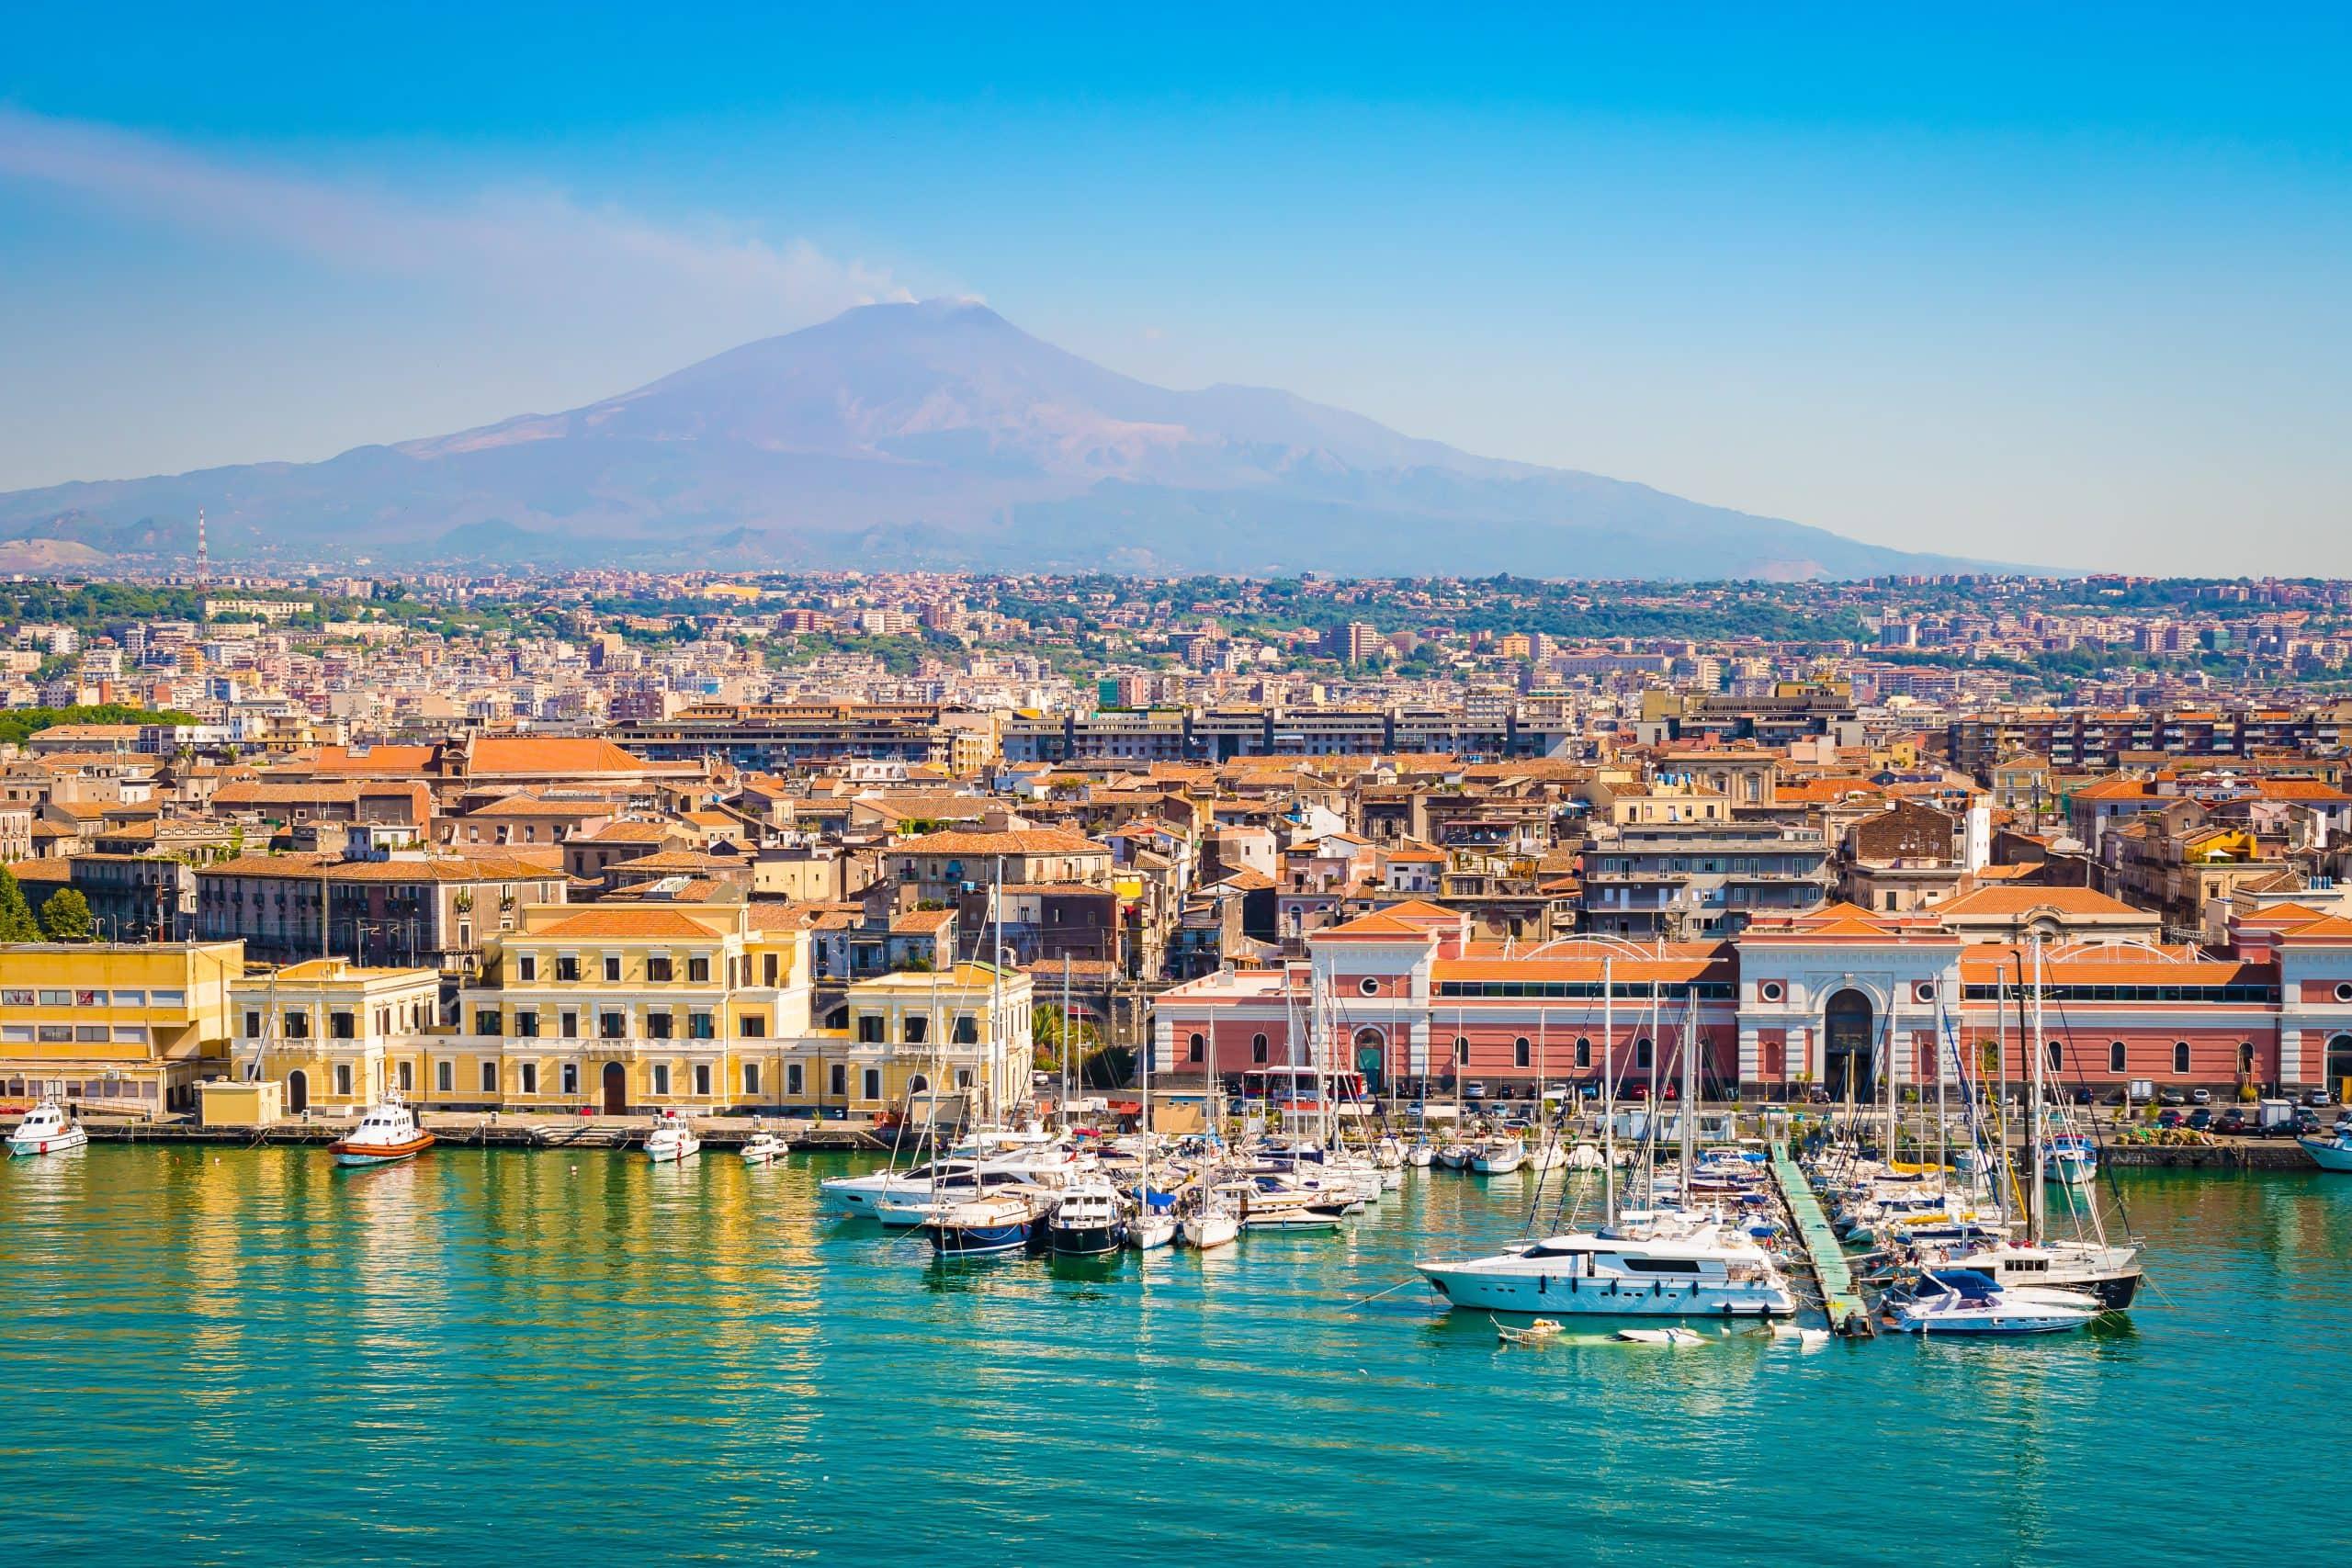 27 September - 01 October 2021 - Catania, Italy